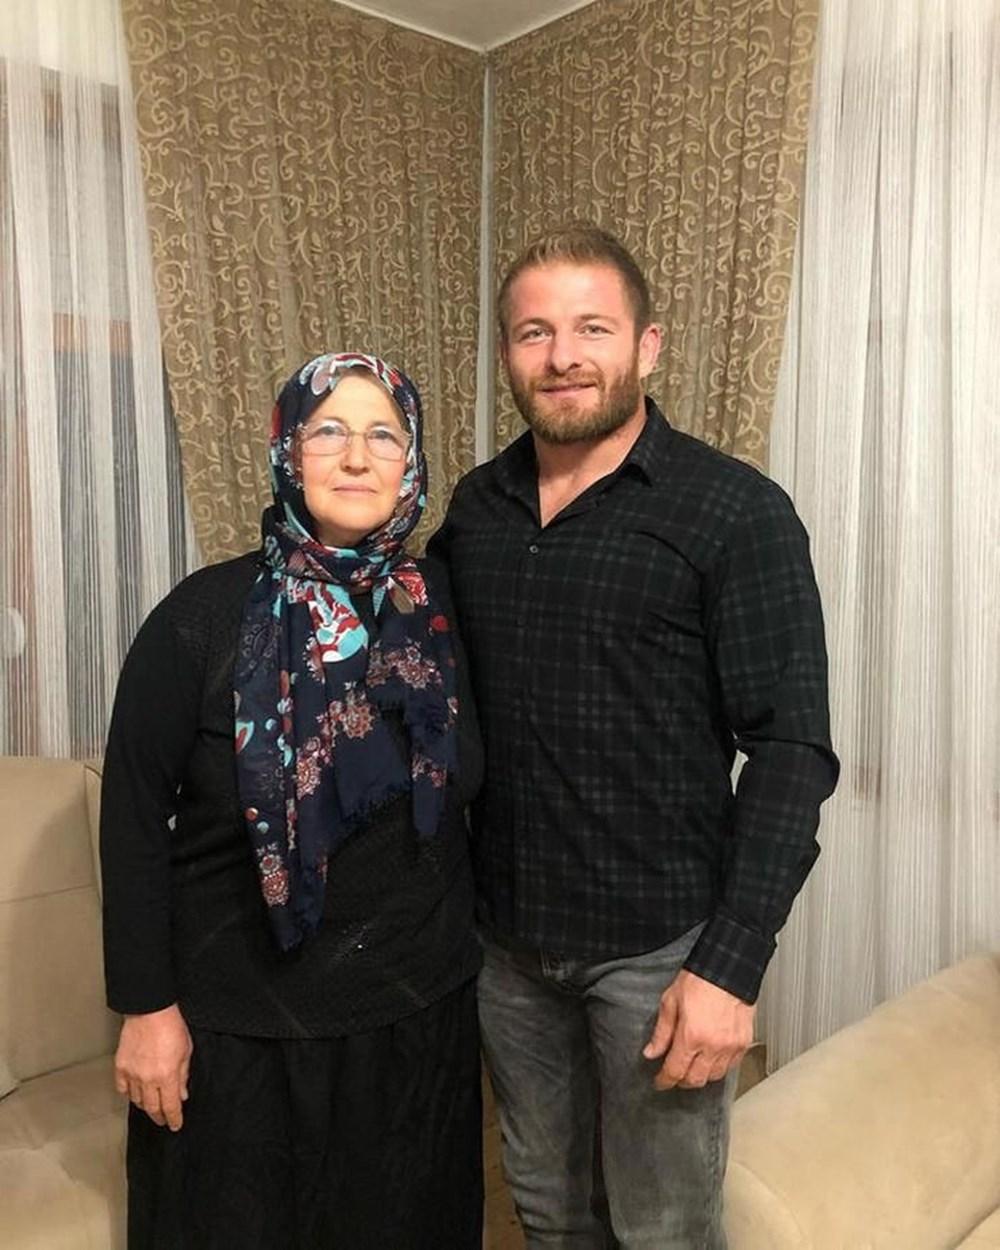 Survivor İsmail Balaban nişanlısı ve annesi hakkında konuştu: İki tarafı da dinlemem lazım - 8